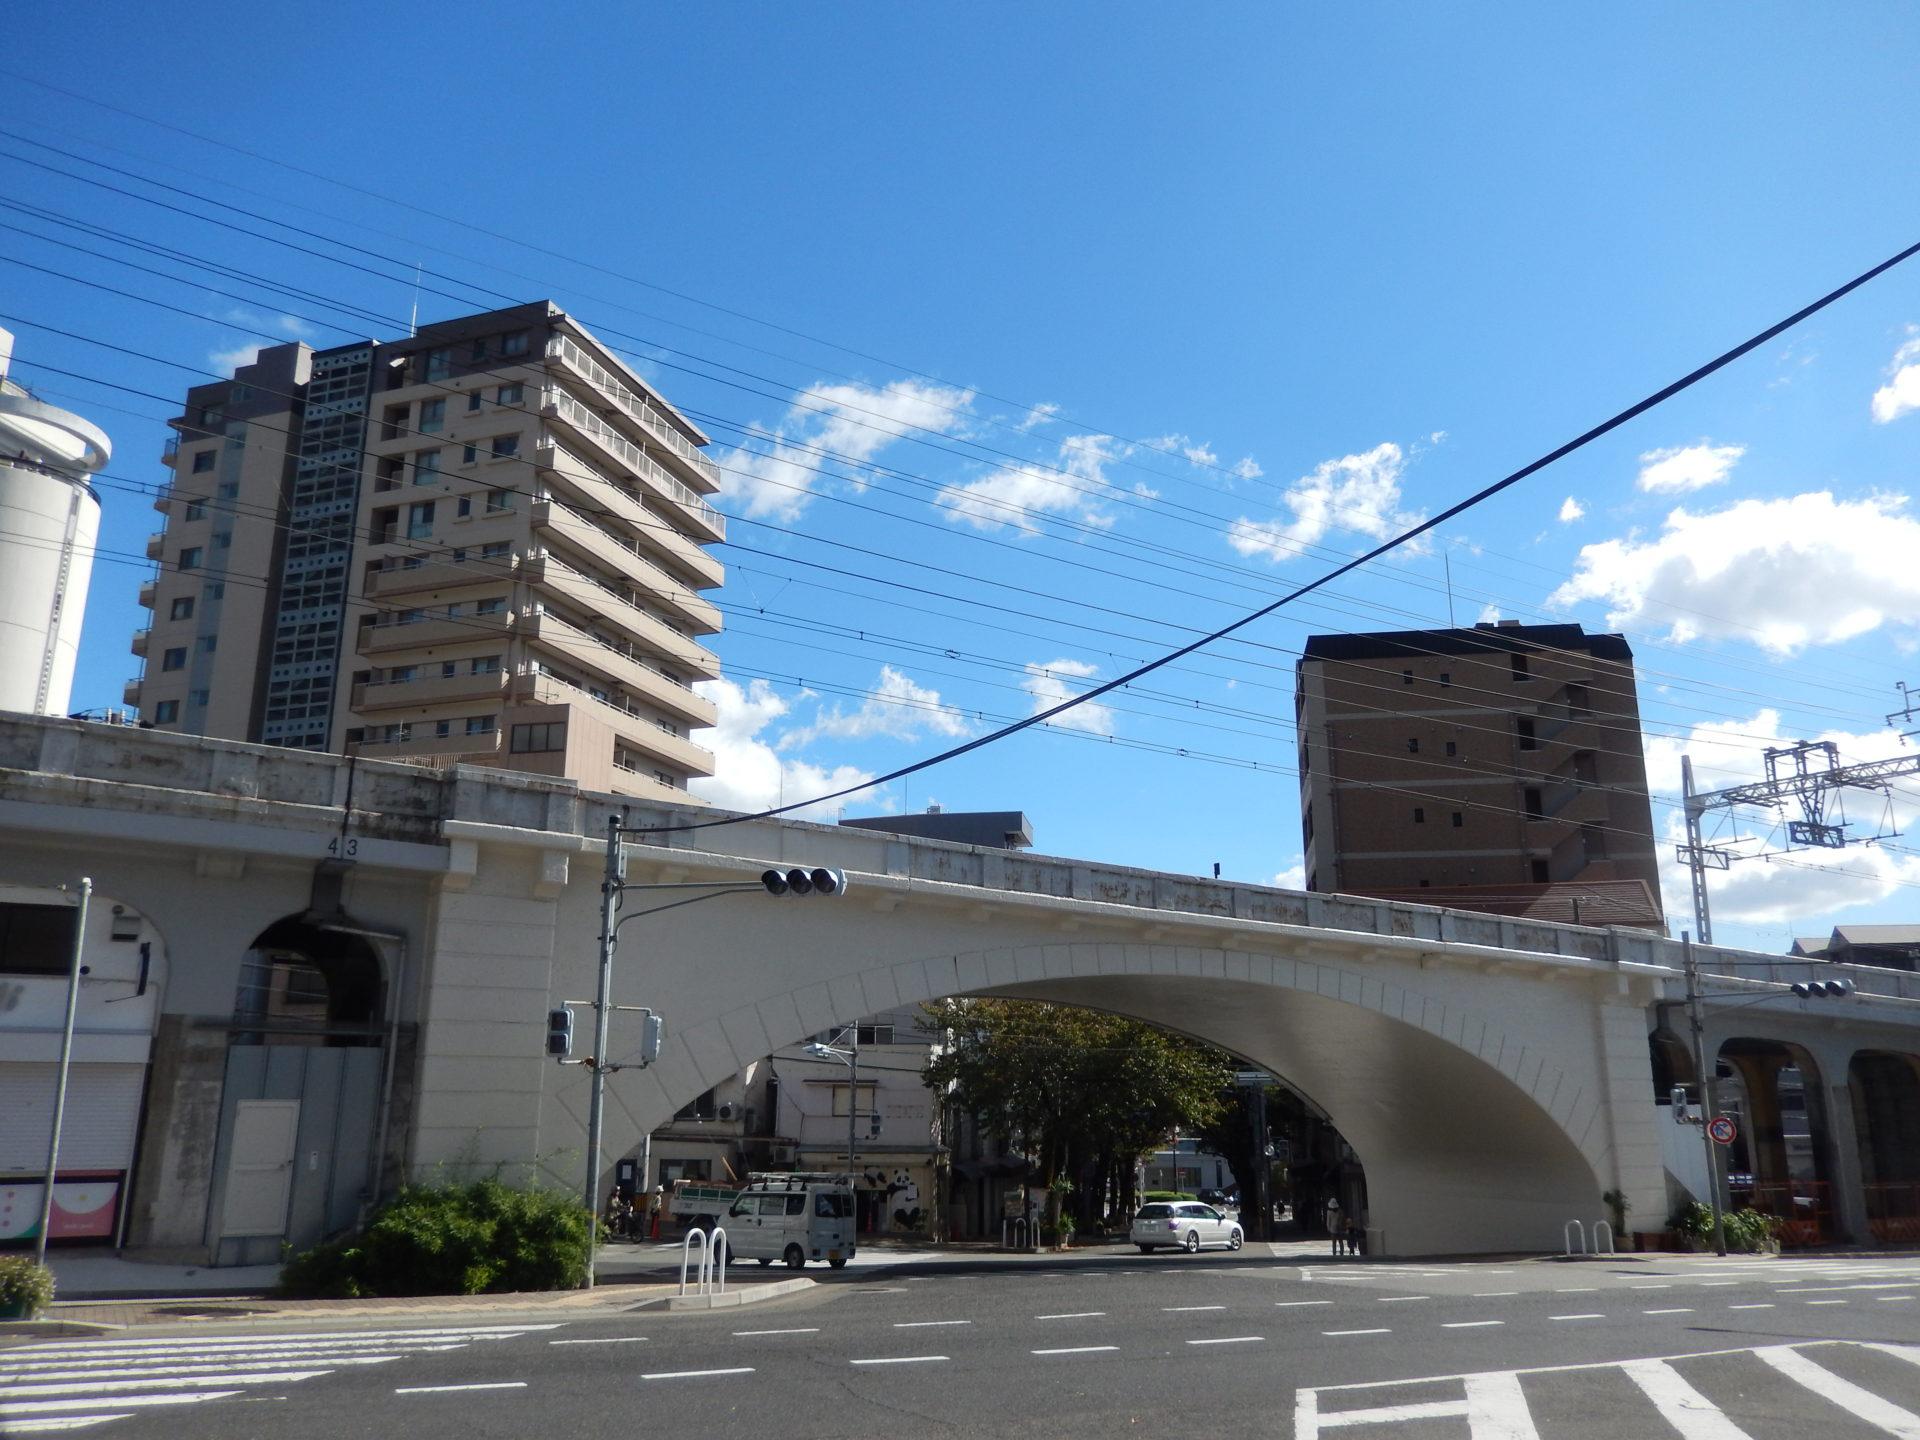 図-1 JR灘駅の北方にある灘駅前拱橋(L=25.0m)